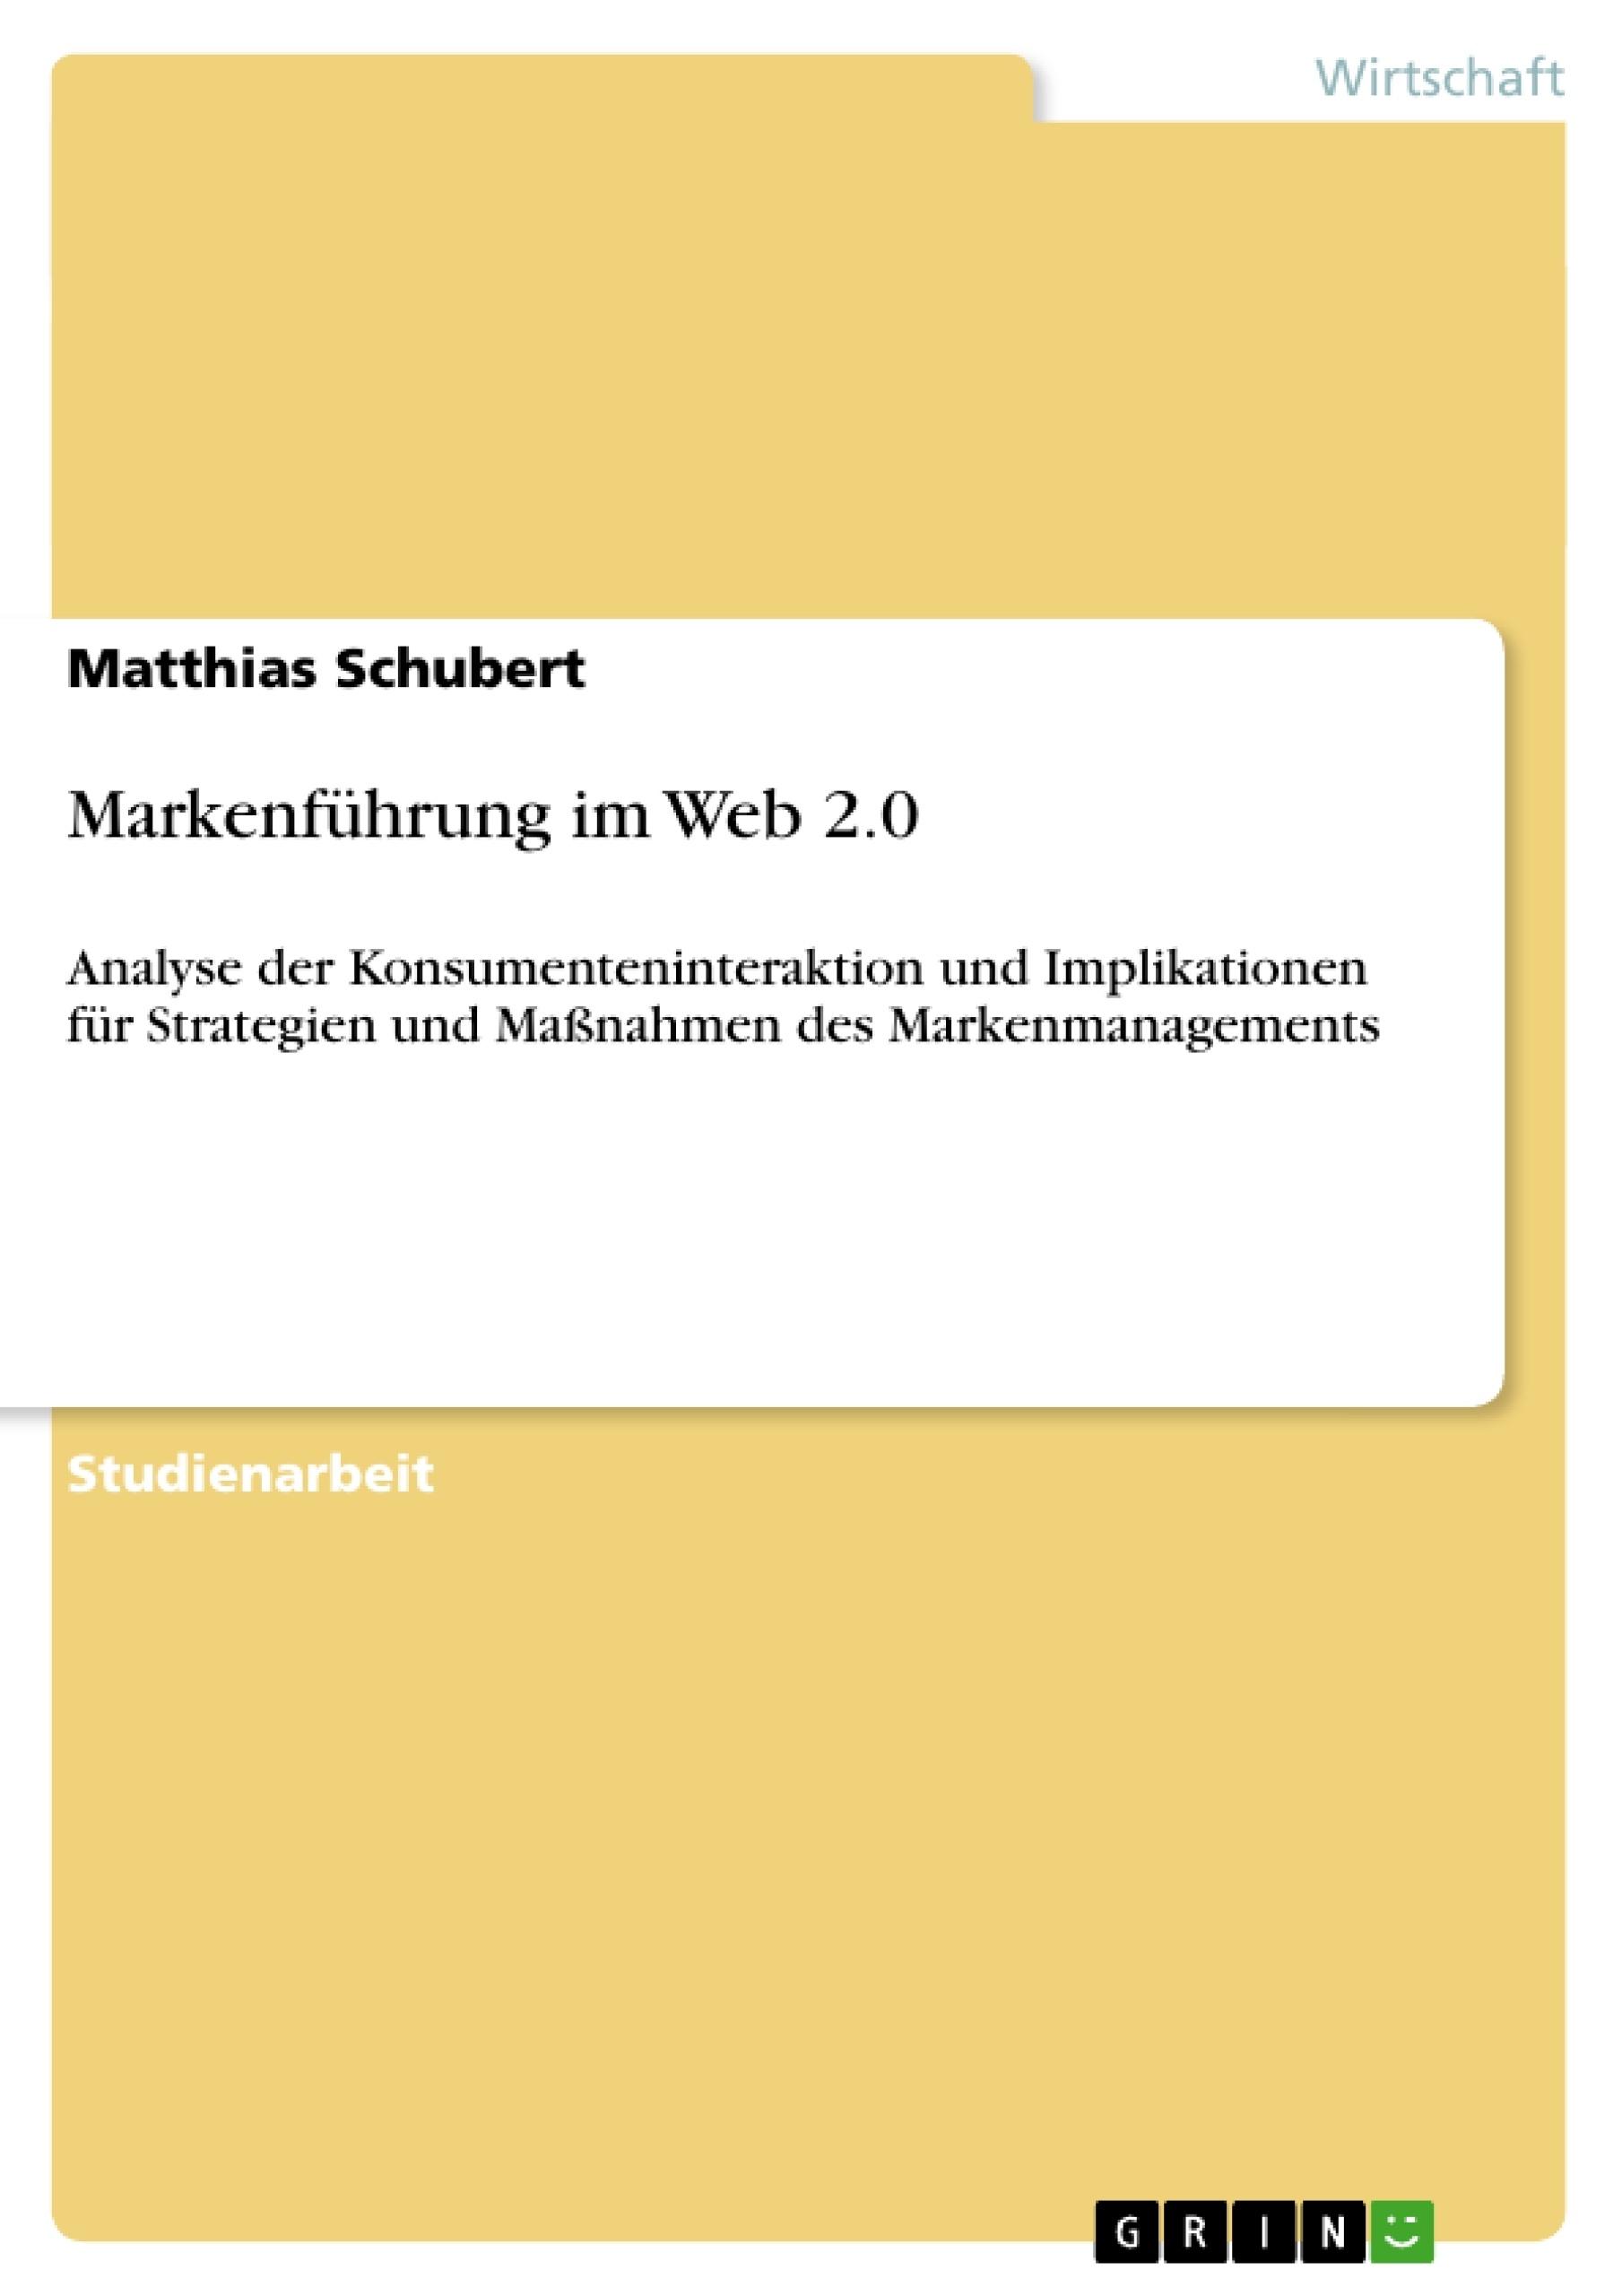 Titel: Markenführung im Web 2.0